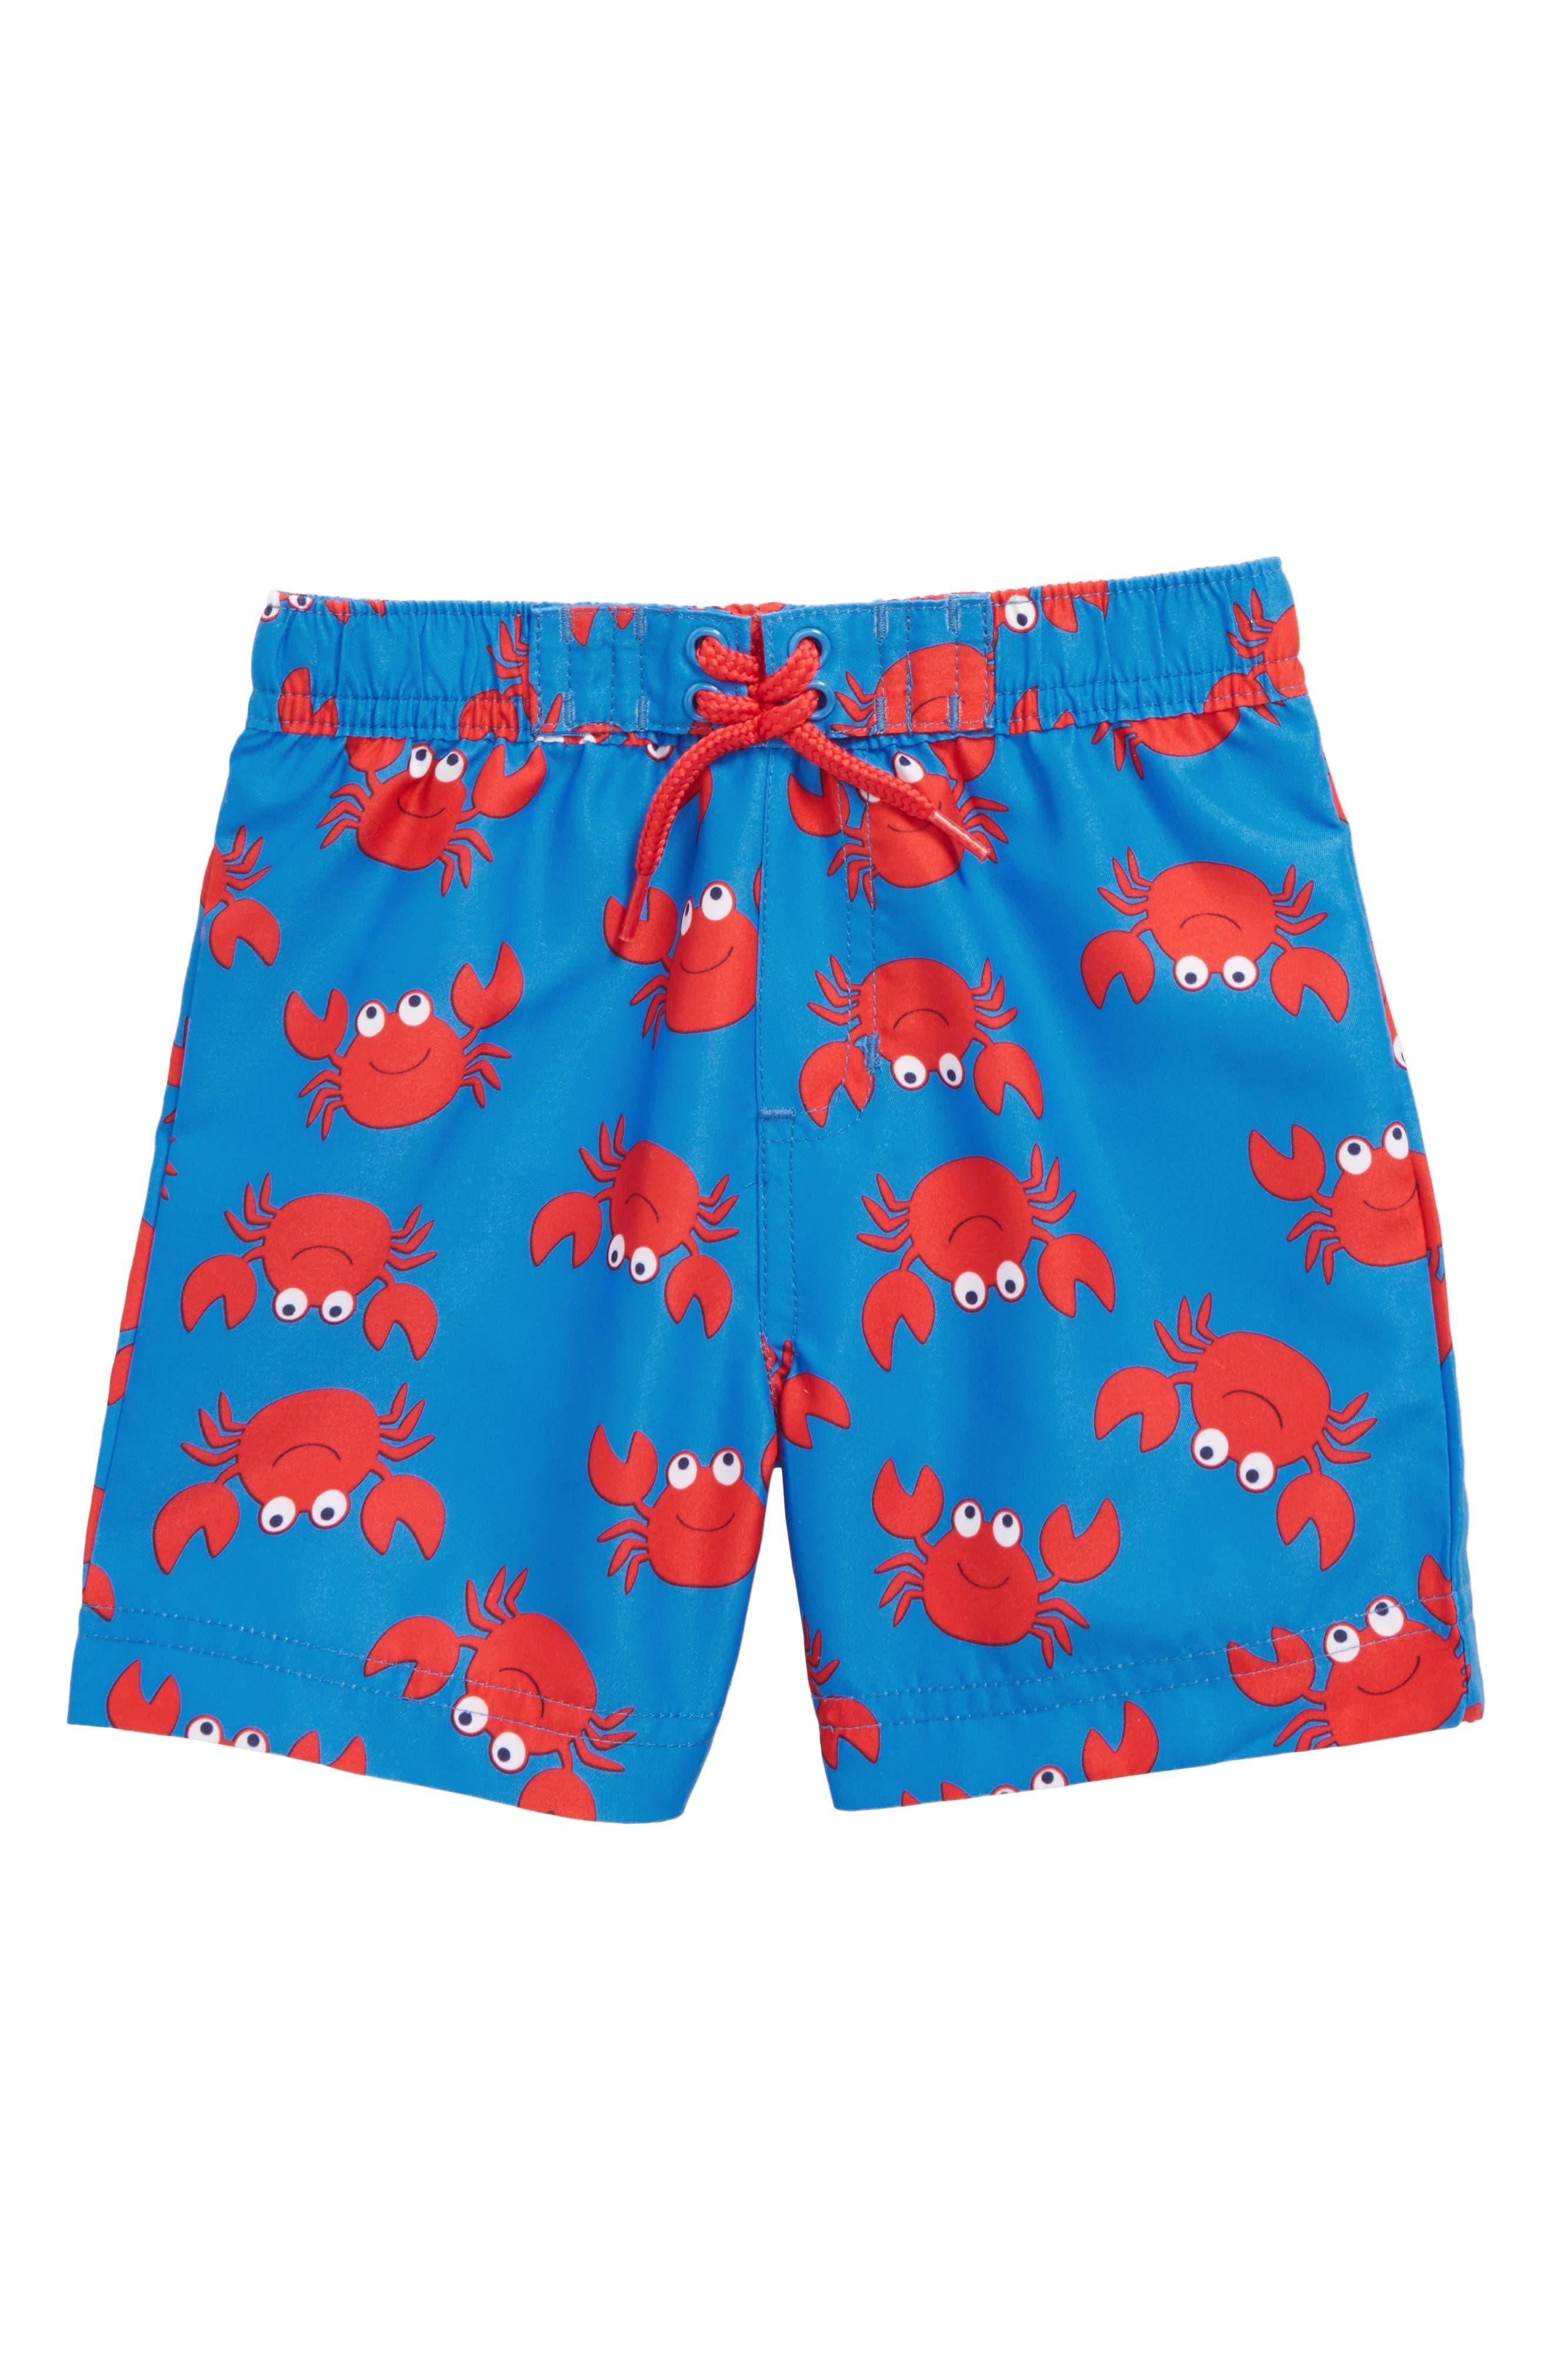 Crab UPF 50+ Swim Trunks,                             Main thumbnail 1, color,                             Blue